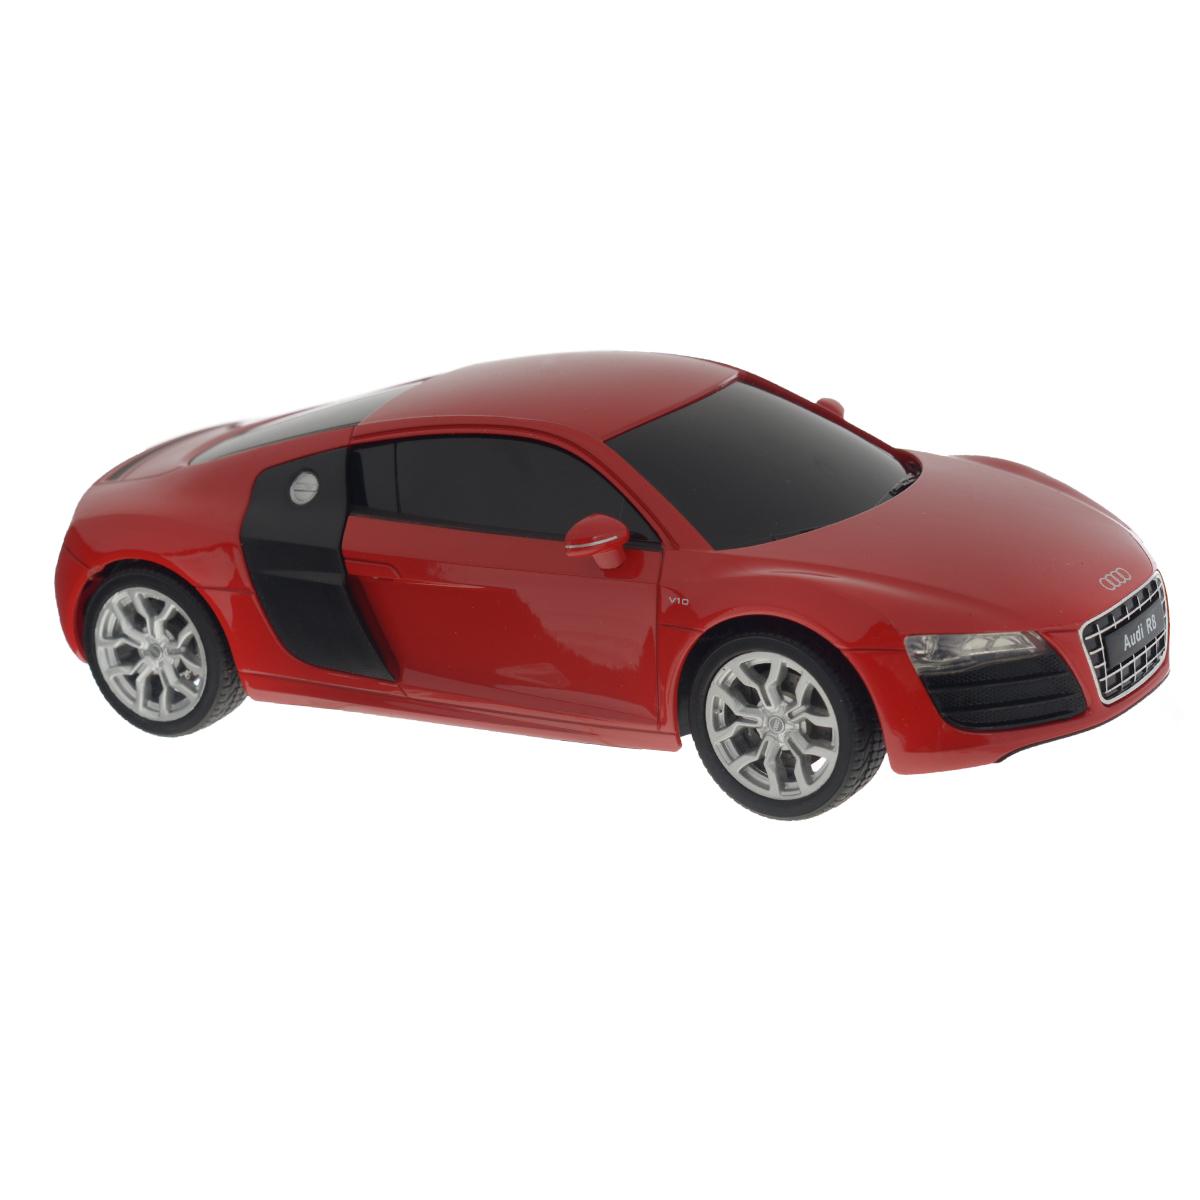 """Радиоуправляемая модель Welly """"Audi R8 V10"""" обязательно привлечет внимание взрослого и ребенка и понравится любому, кто увлекается автомобилями. Маневренная и реалистичная уменьшенная копия """"Audi R8 V10"""" выполнена в точной детализации с настоящим автомобилем в масштабе 1/24. Управление машинкой происходит с помощью пульта. Машинка двигается вперед и назад, поворачивает направо и налево. Радиус действия пульта - 8 метров. Колеса игрушки прорезинены и обеспечивают плавный ход, машинка не портит напольное покрытие. Радиоуправляемые игрушки способствуют развитию координации движений, моторики и ловкости. Ваш ребенок часами будет играть с моделью, придумывая различные истории и устраивая соревнования. Порадуйте его таким замечательным подарком! Питание: для работы машинки - 3 батарейки напряжением 1,5V типа АА; для работы пульта - 2 батарейки напряжением 1,5V типа АА (не входят в комплект)."""